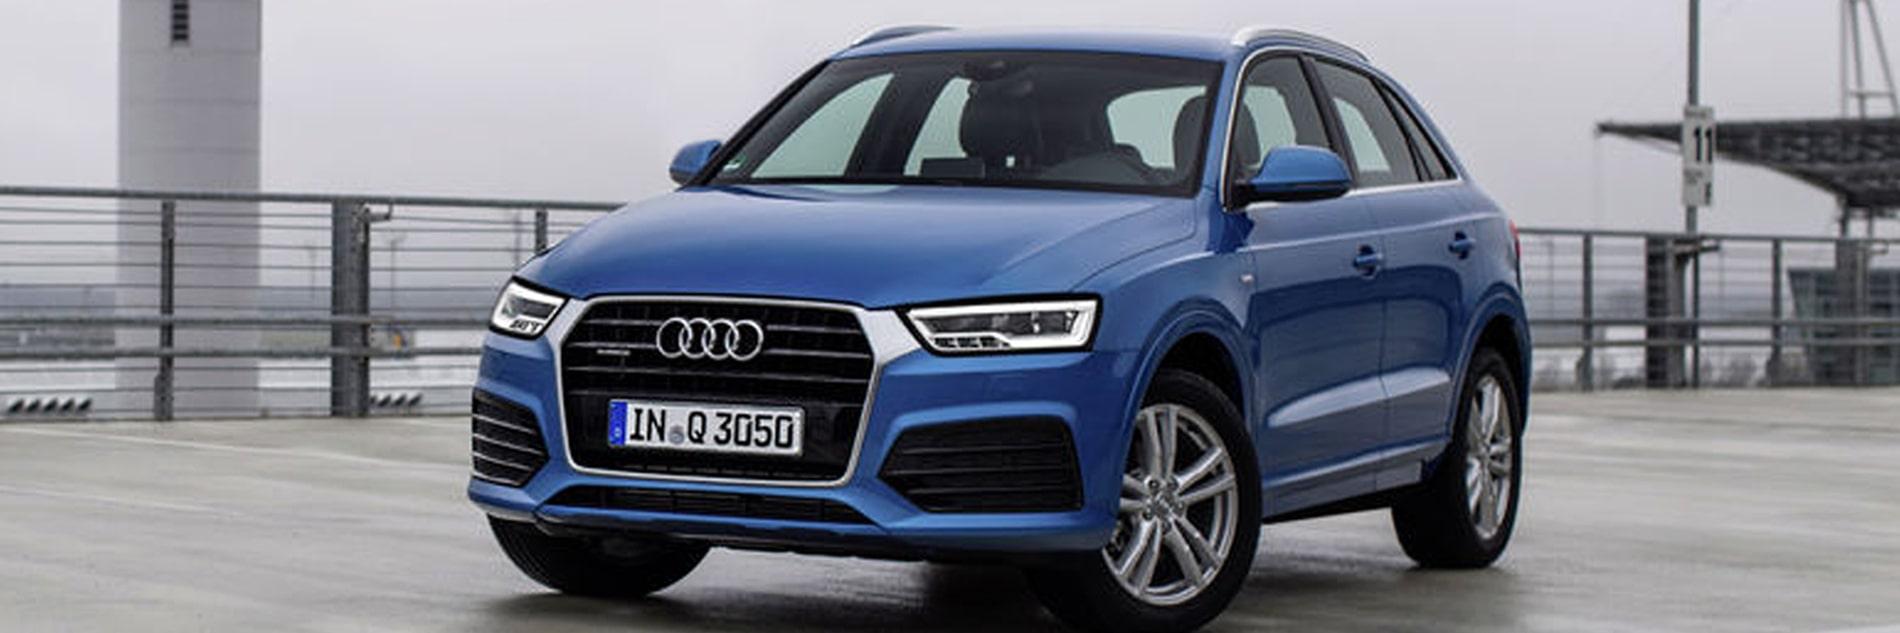 Audi-paketa-service-smart-packs-autokinita-4-etwn-plus-1900x633-min